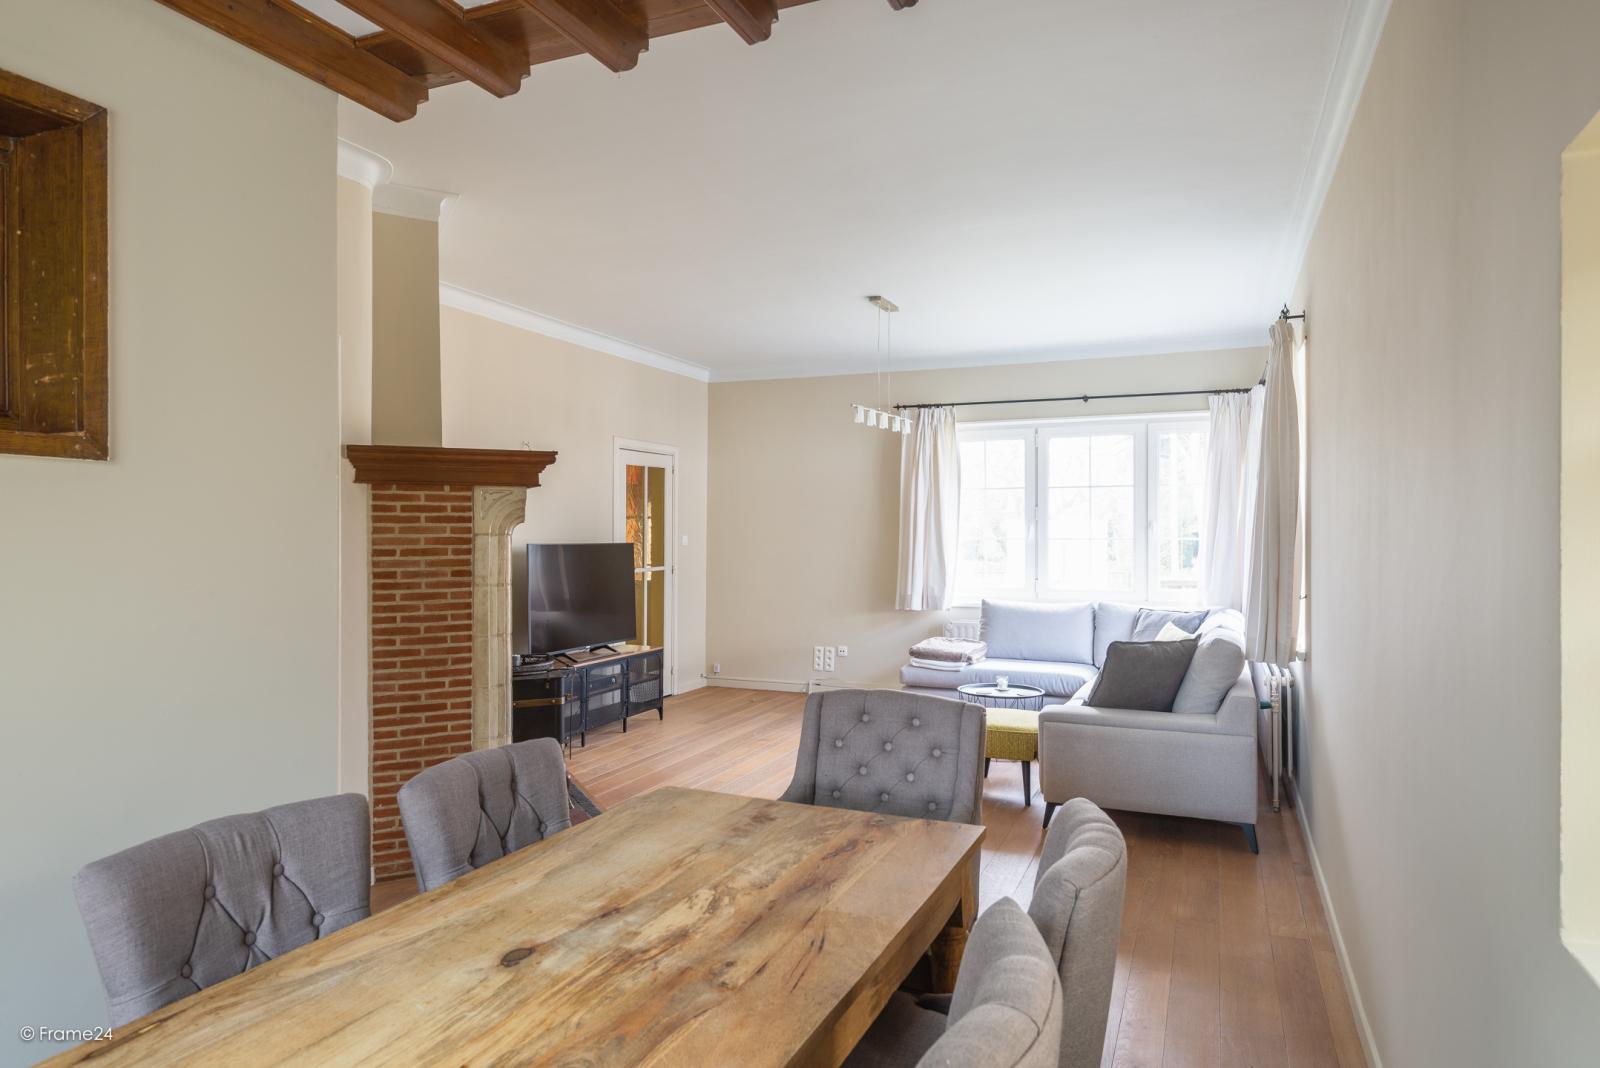 Charmante halfopen bebouwing met twee slaapkamers op zeer goede locatie te Wijnegem.  afbeelding 5